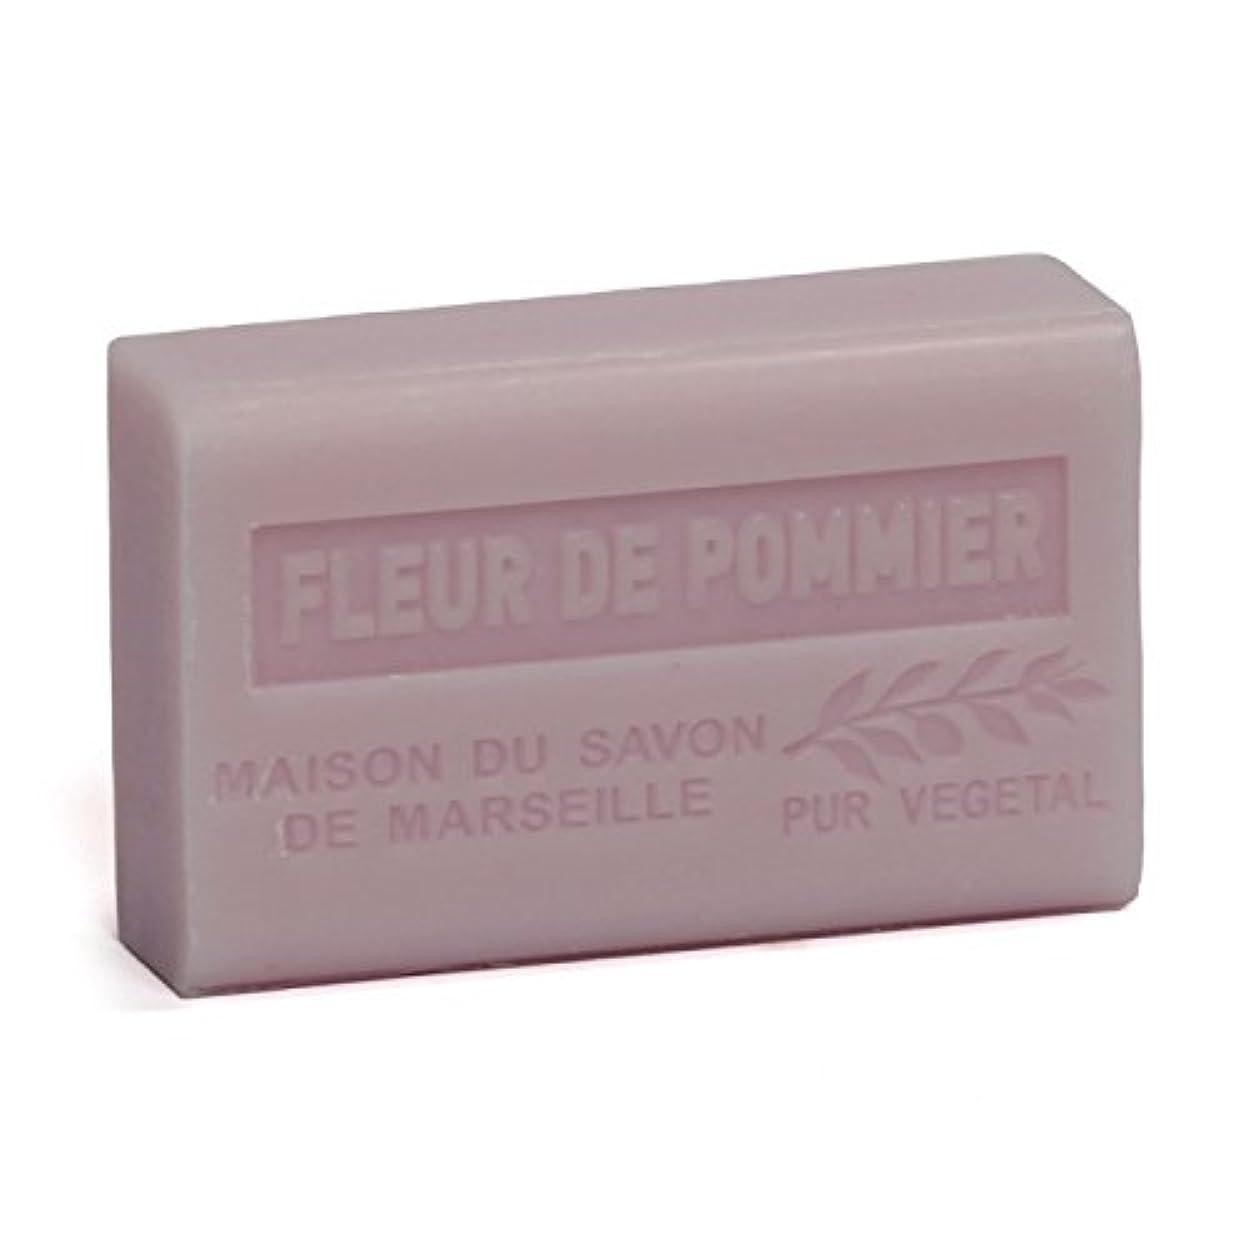 思い出すライフル不安定なSavon de Marseille Soap Apple Blossom Shea Butter 125g